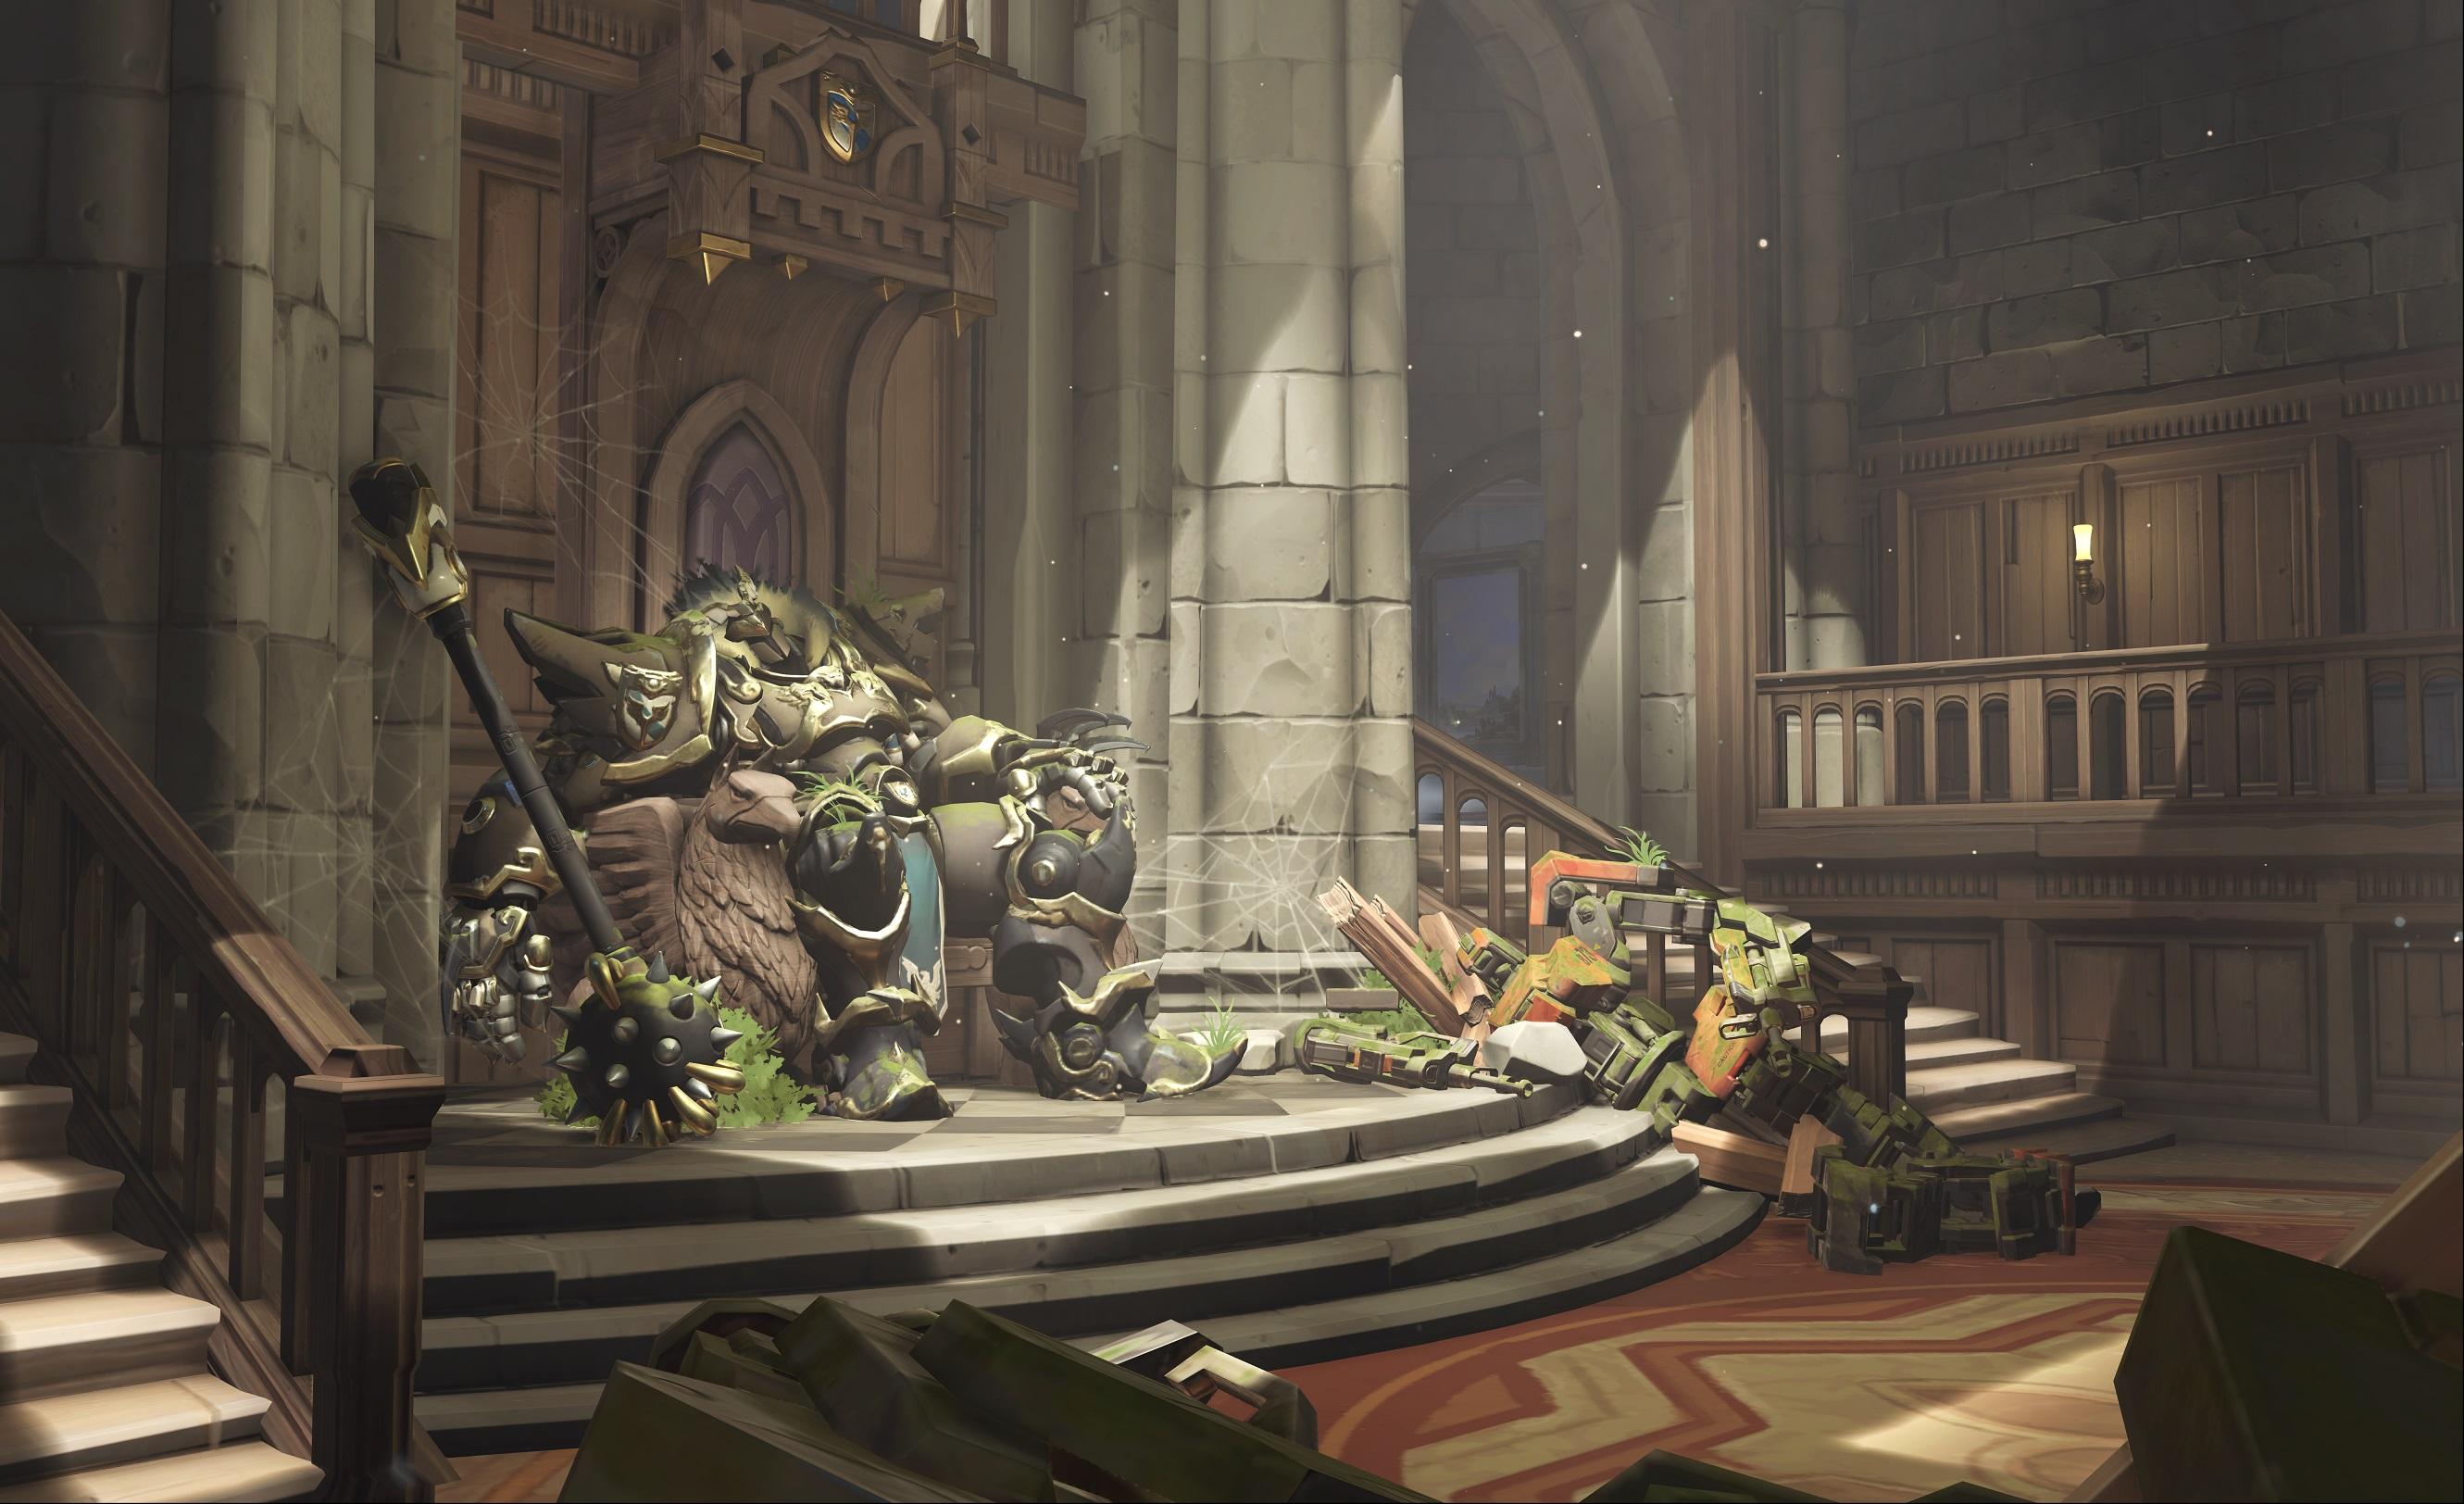 Nová mapa pro Overwatch nás zavede do hradu a přilehlého městečka v Německu 128679